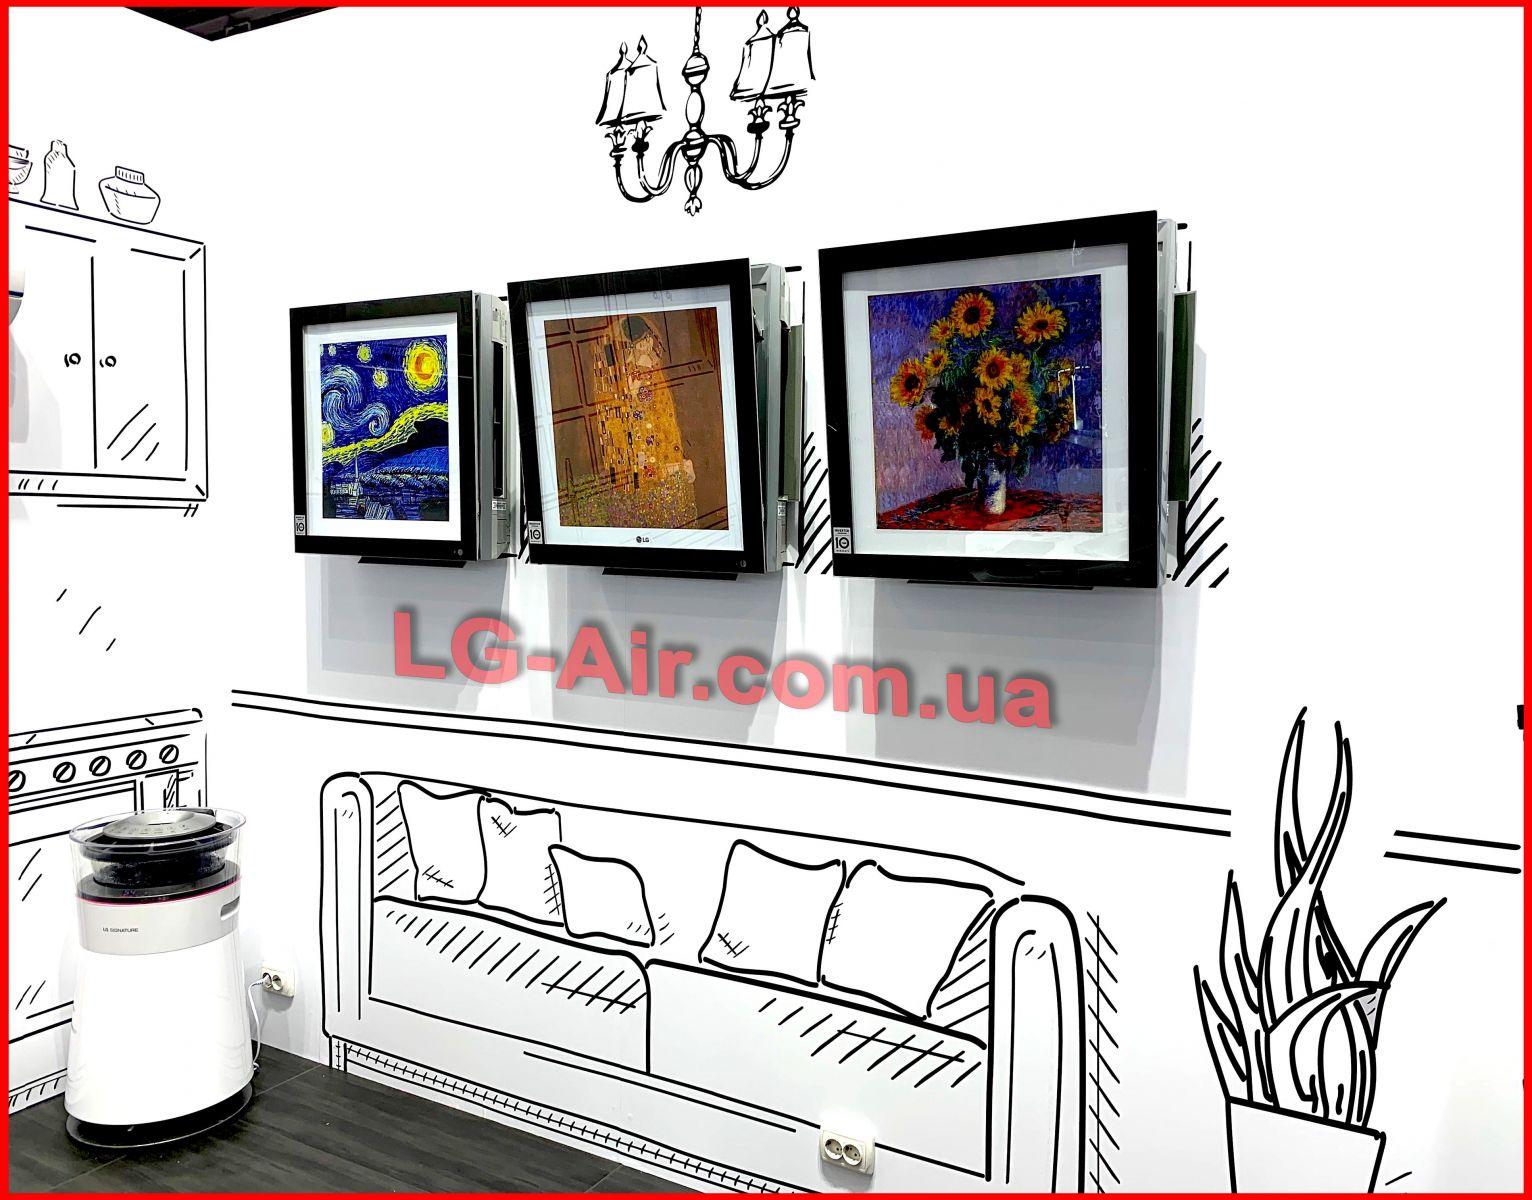 Интернет-магазин кондиционеров LG - LG-Air.com.ua   Купить кондиционер LG